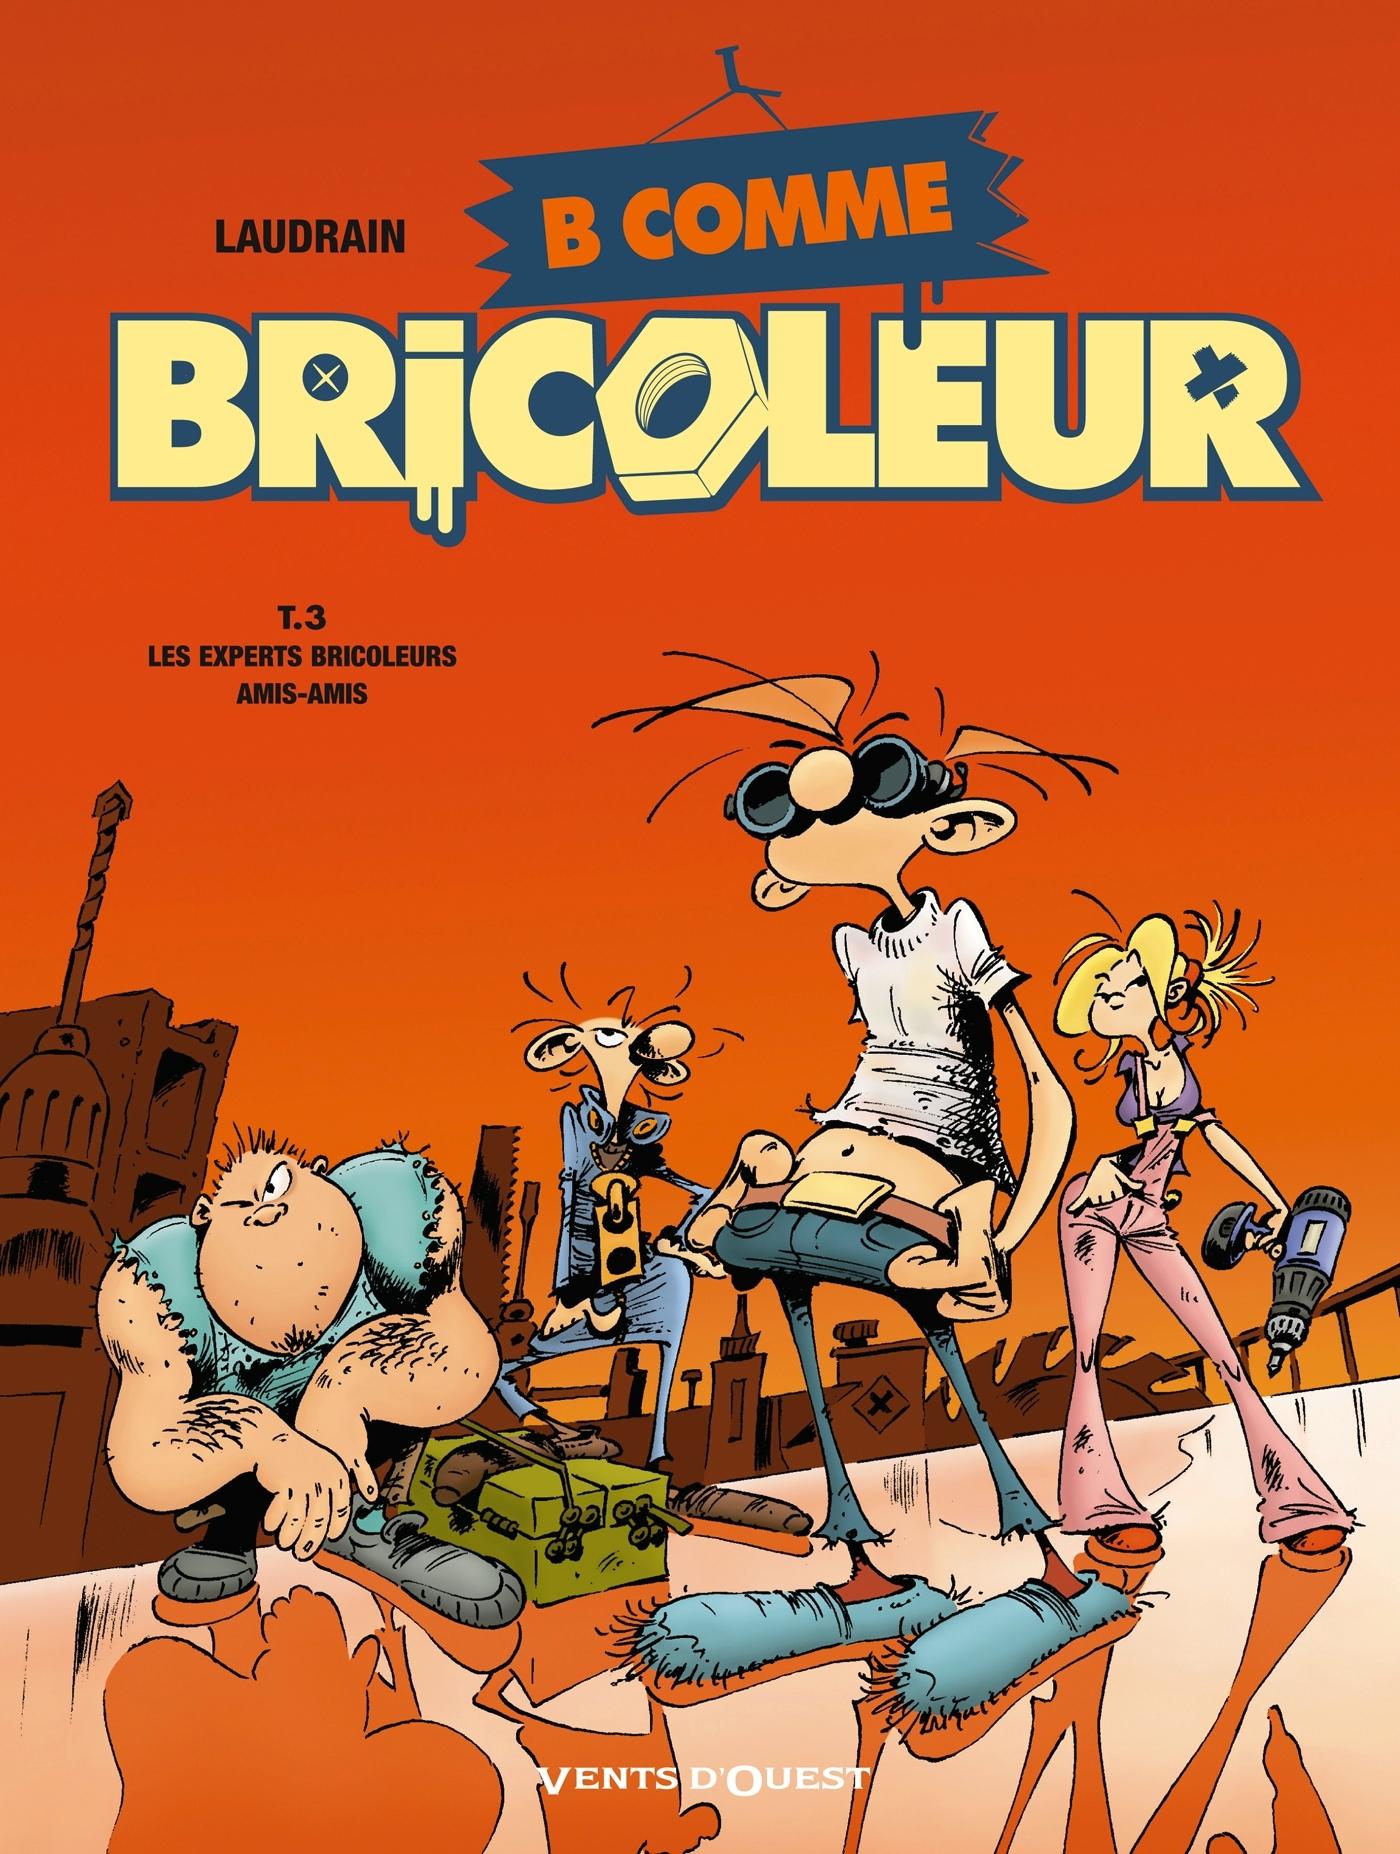 B COMME BRICOLEUR - TOME 03 - LES EXPERTS BRICOLEURS AMI-AMIS